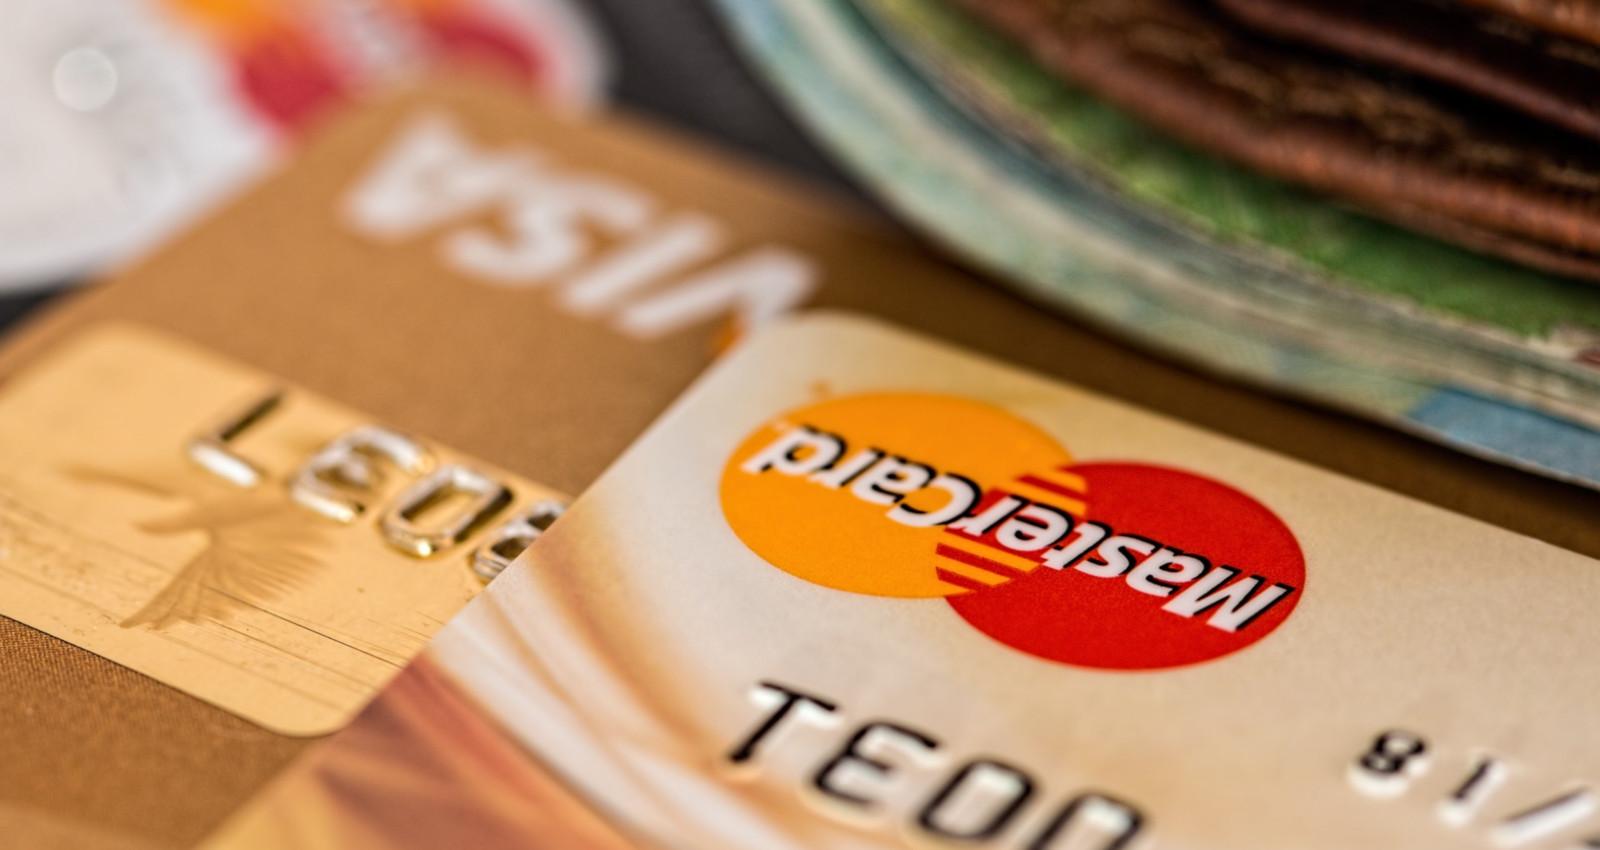 Kontaktlose Kreditkarte beim Bezahlen